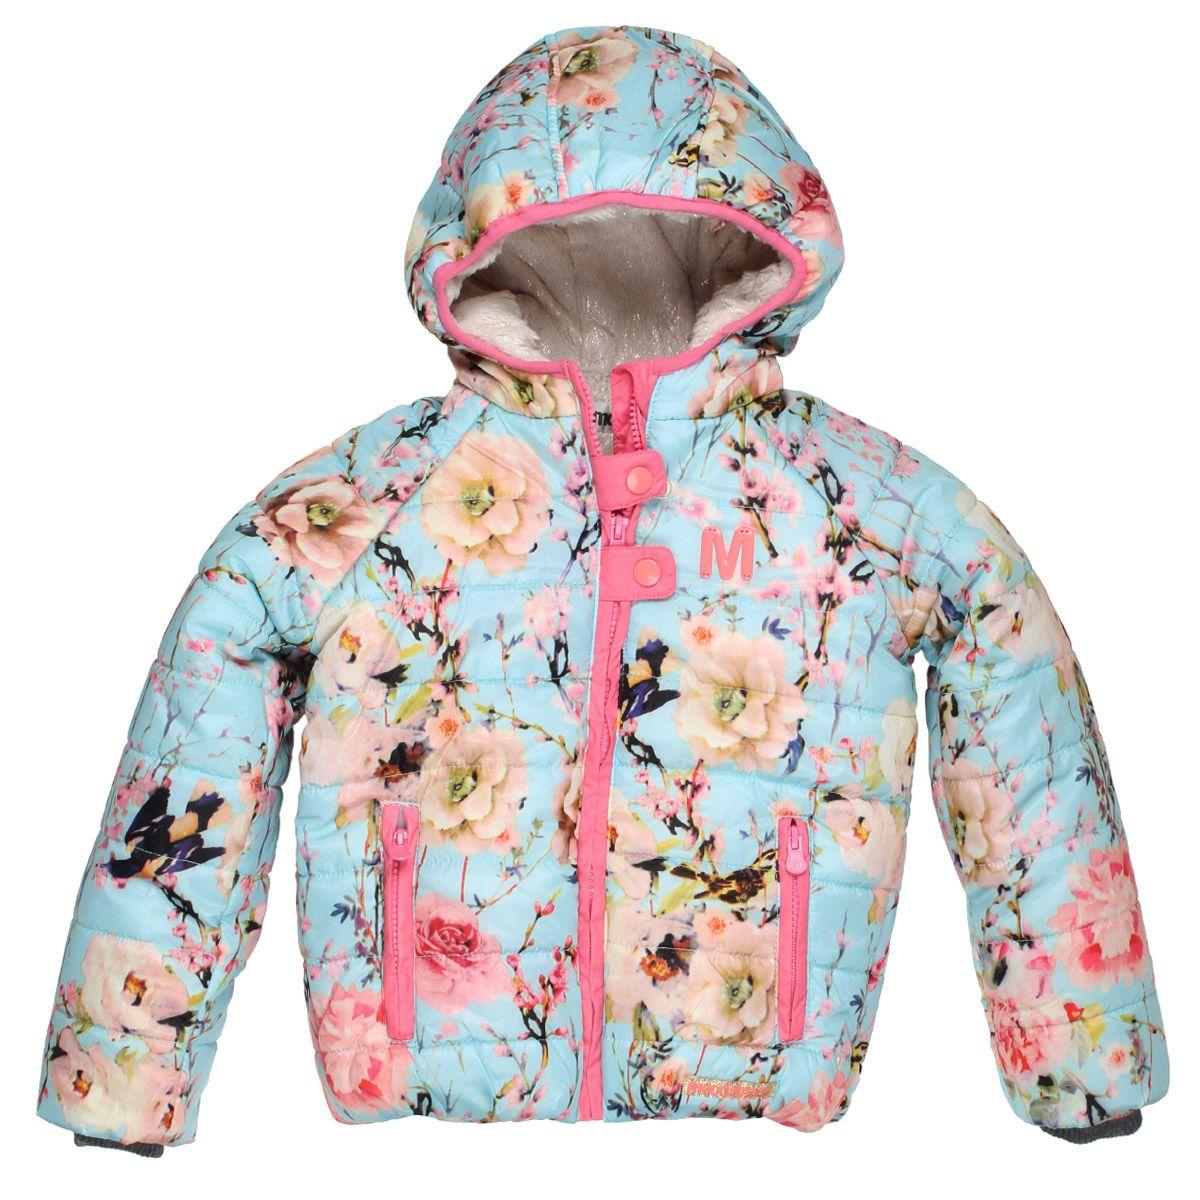 Moodstreet Jas   Jas, Kinderkleding, Jackets